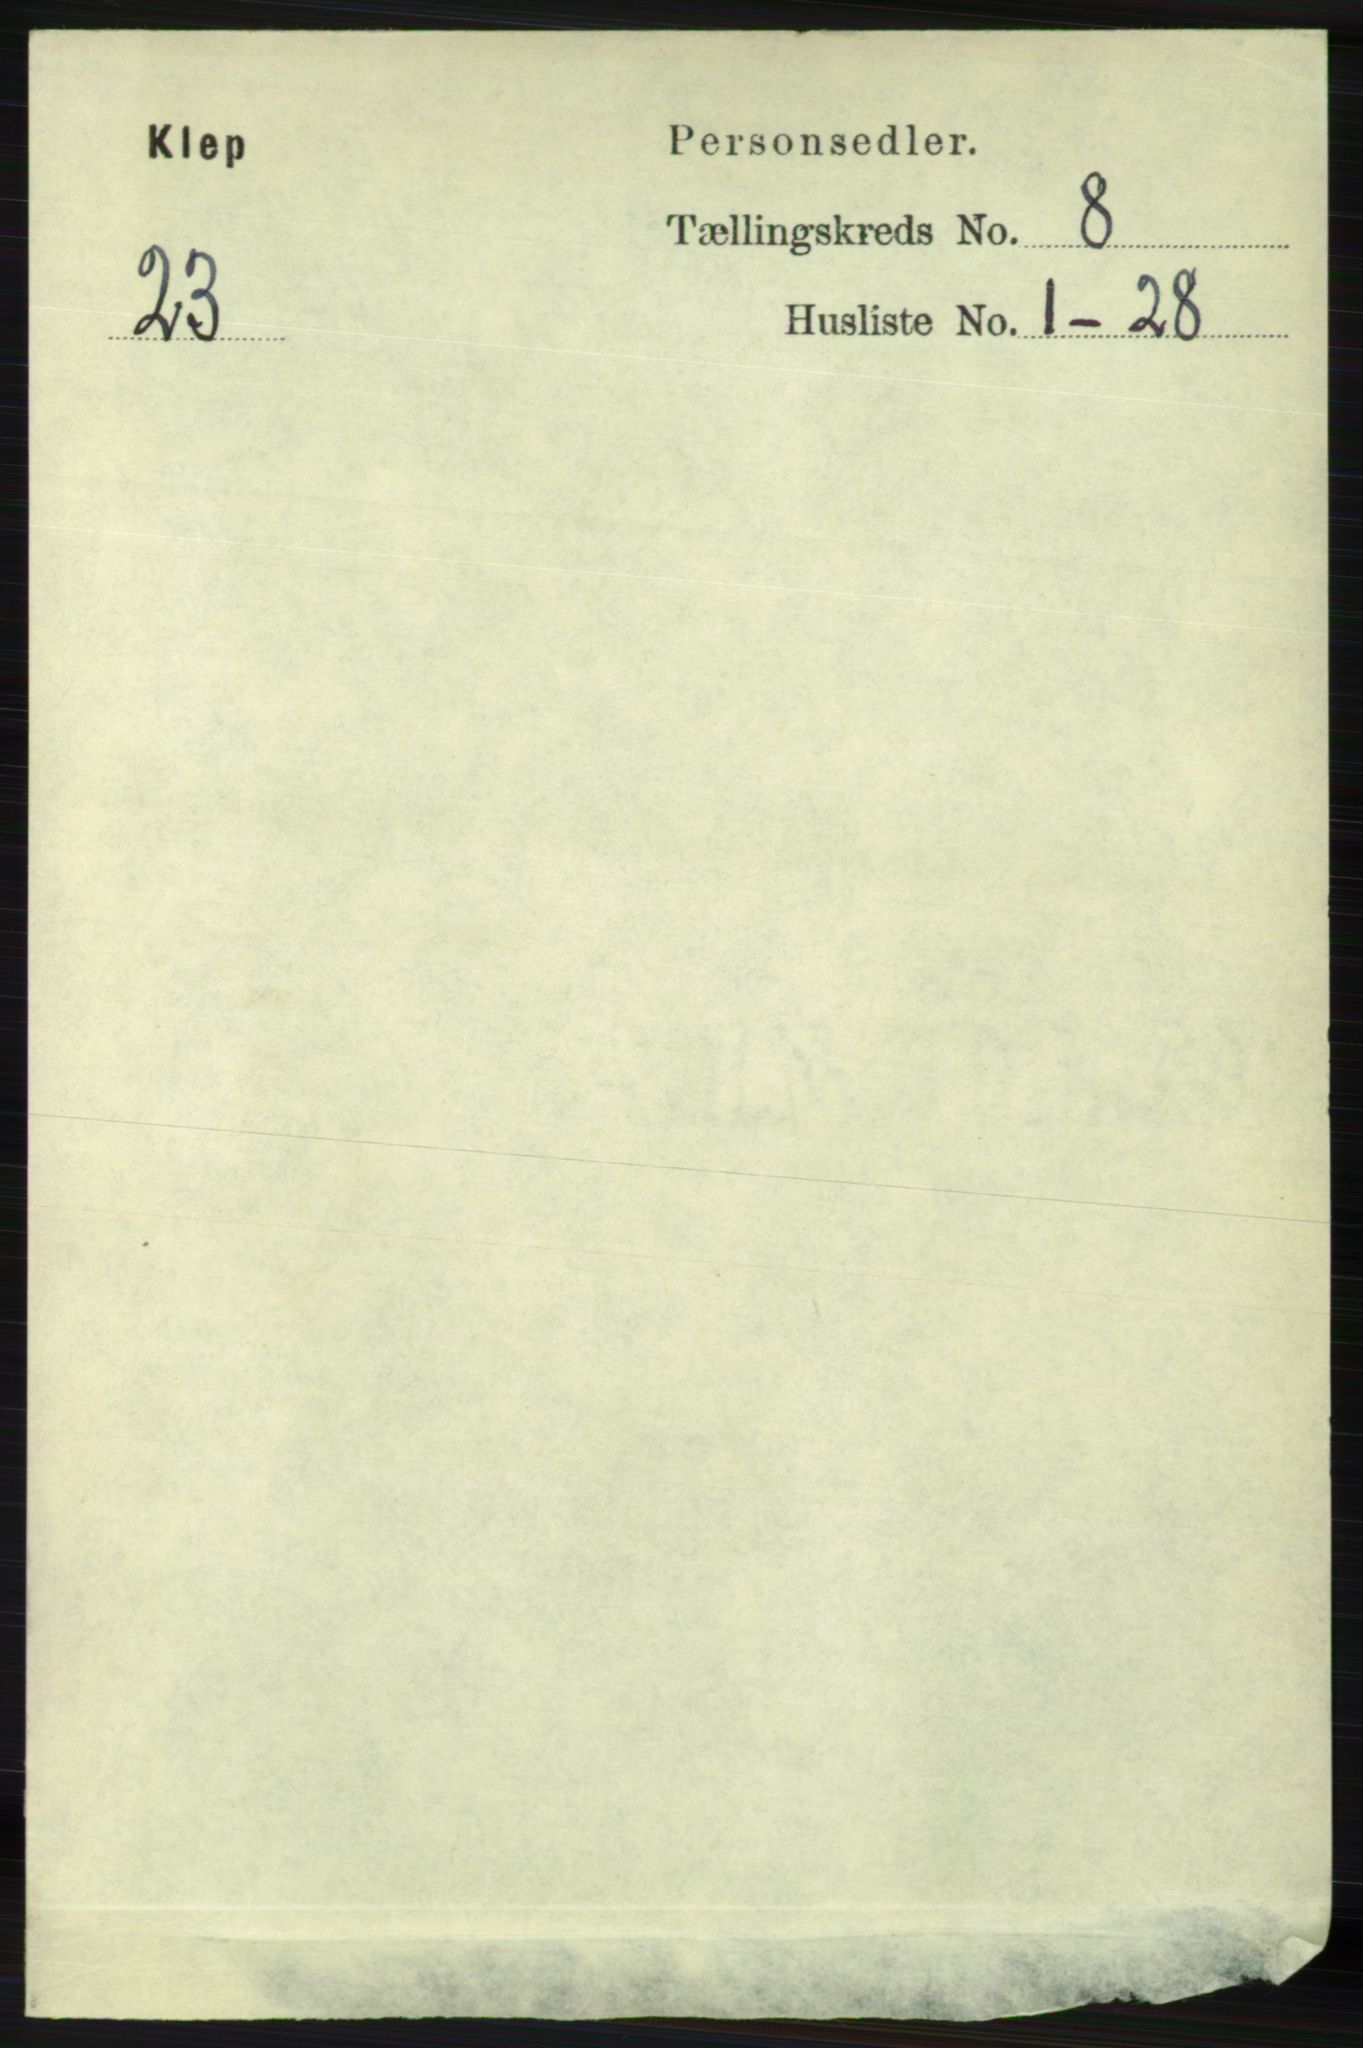 RA, Folketelling 1891 for 1120 Klepp herred, 1891, s. 2504